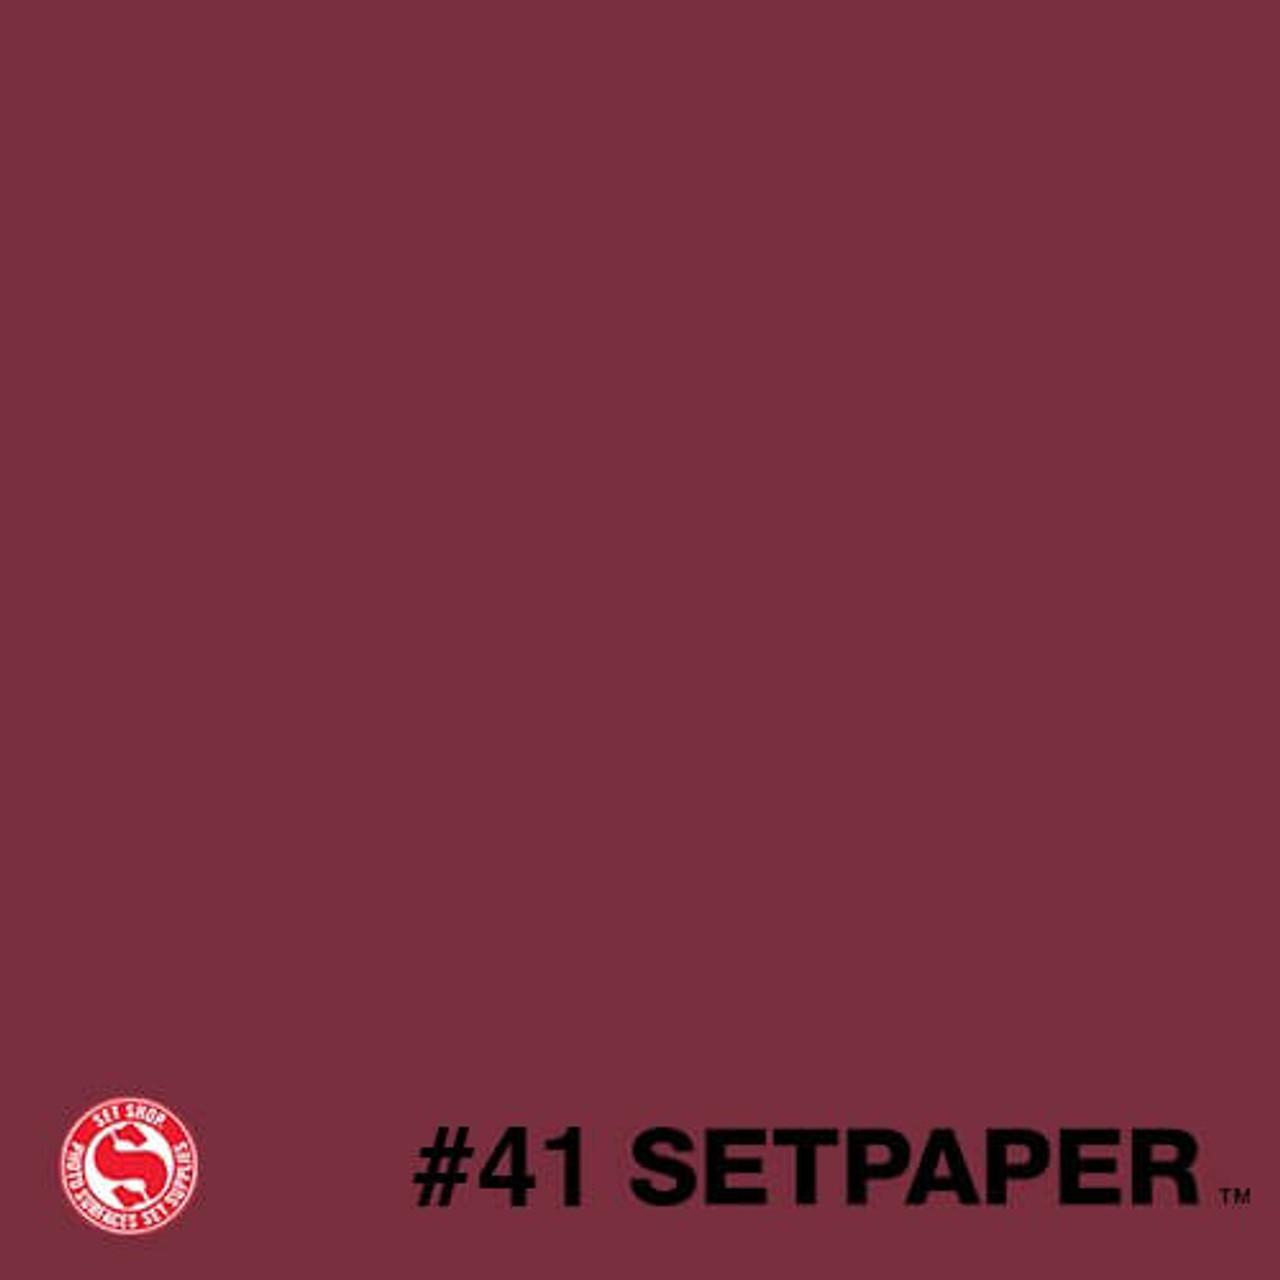 """241 SETPAPER - RED 26"""" x 36' (0.66m  X 11m)"""